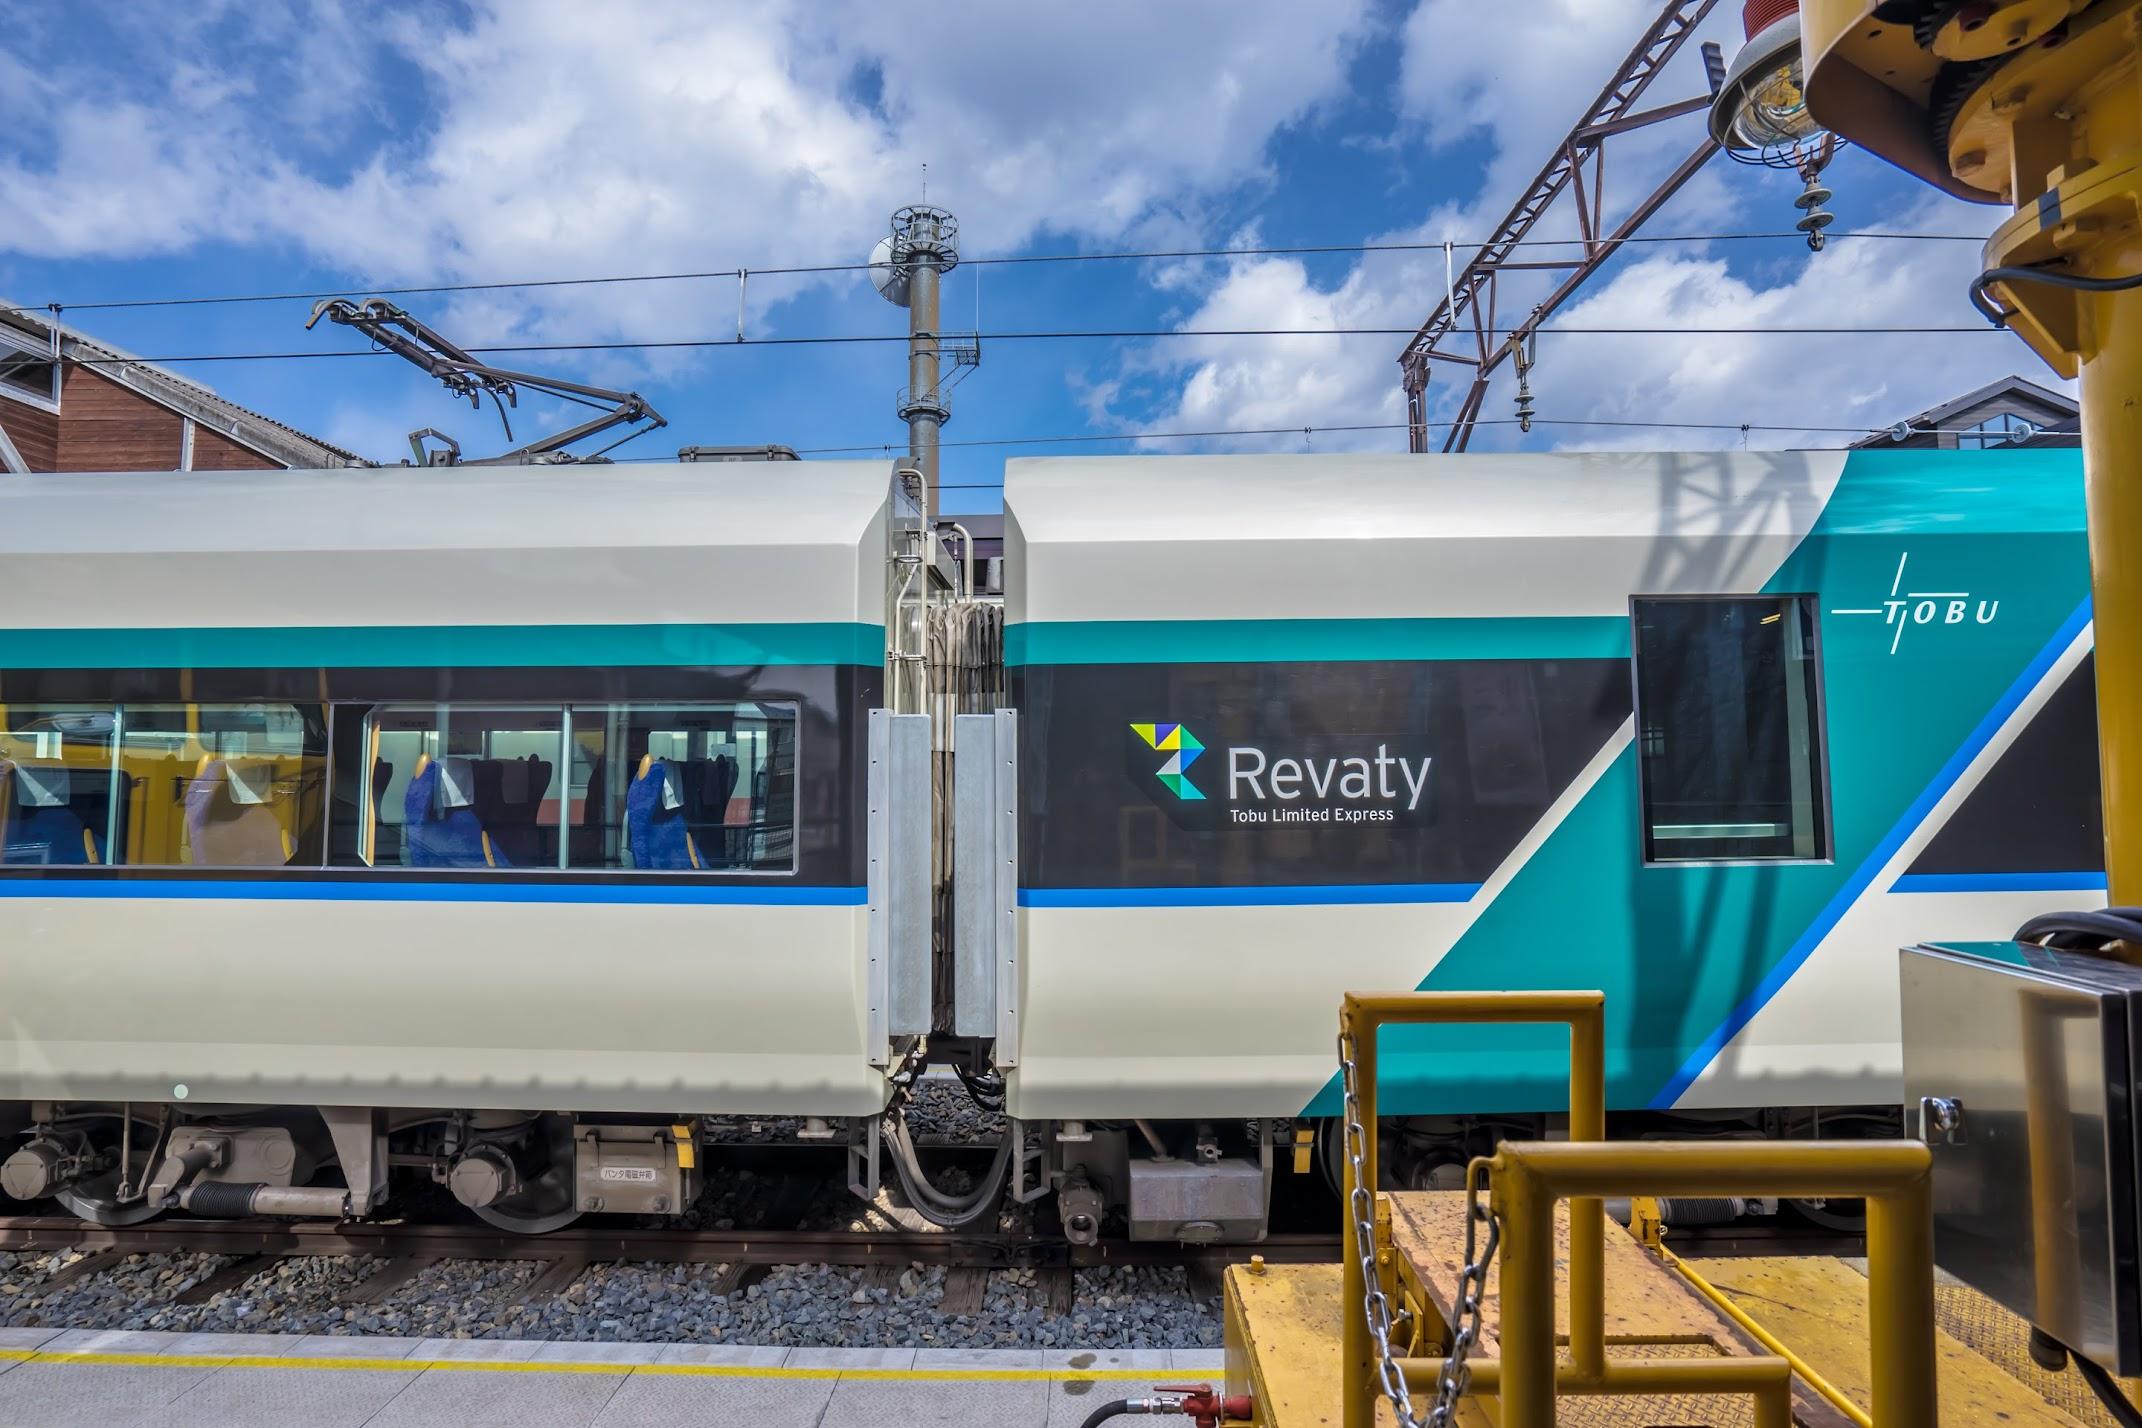 東武鉄道 リバティ(Revaty)2